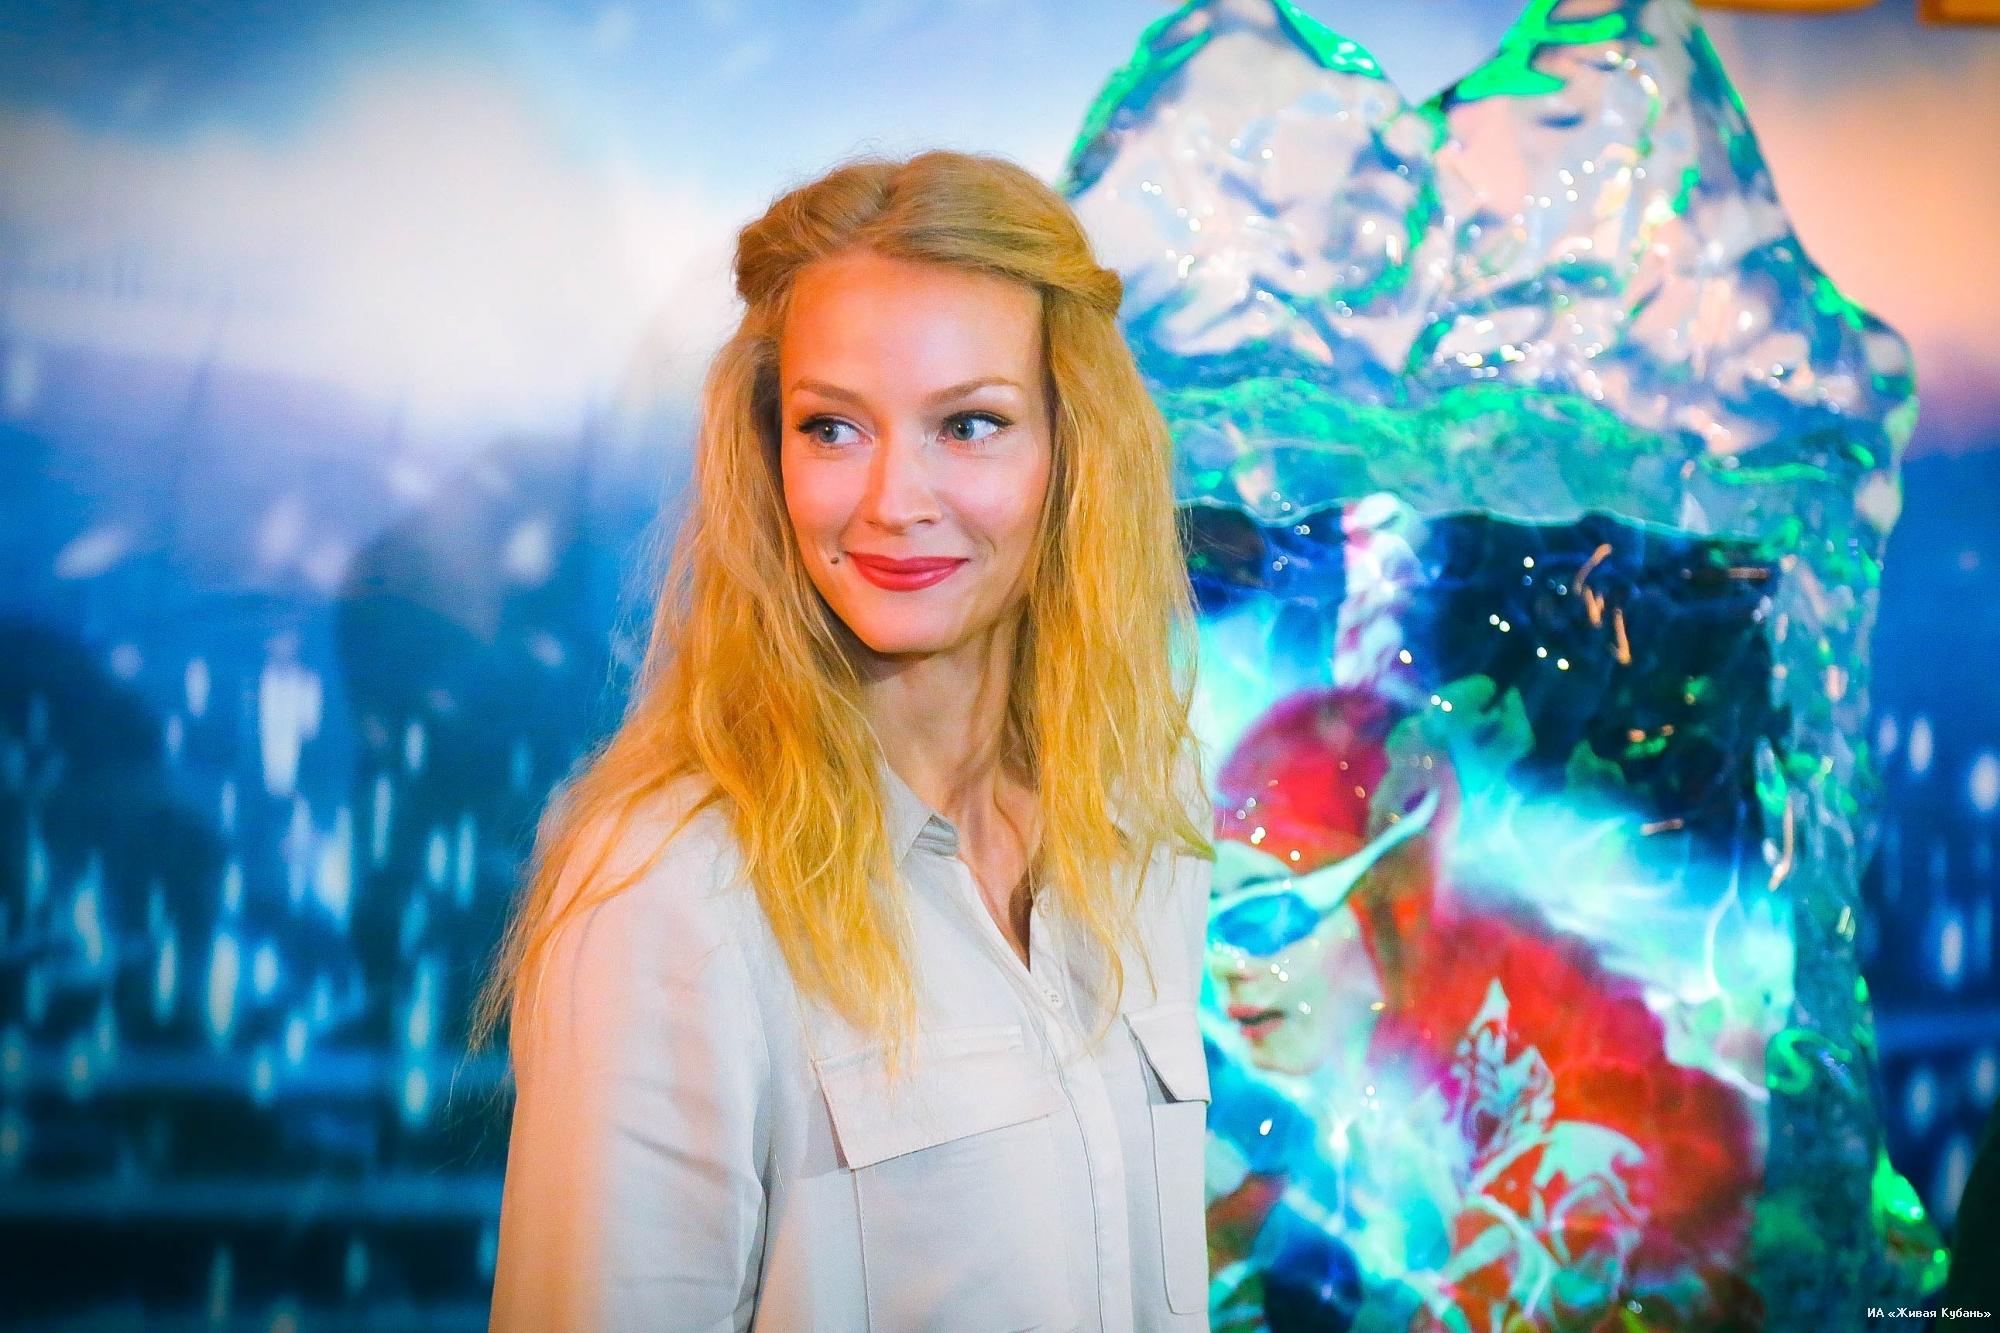 Светлана ходченкова яма фото